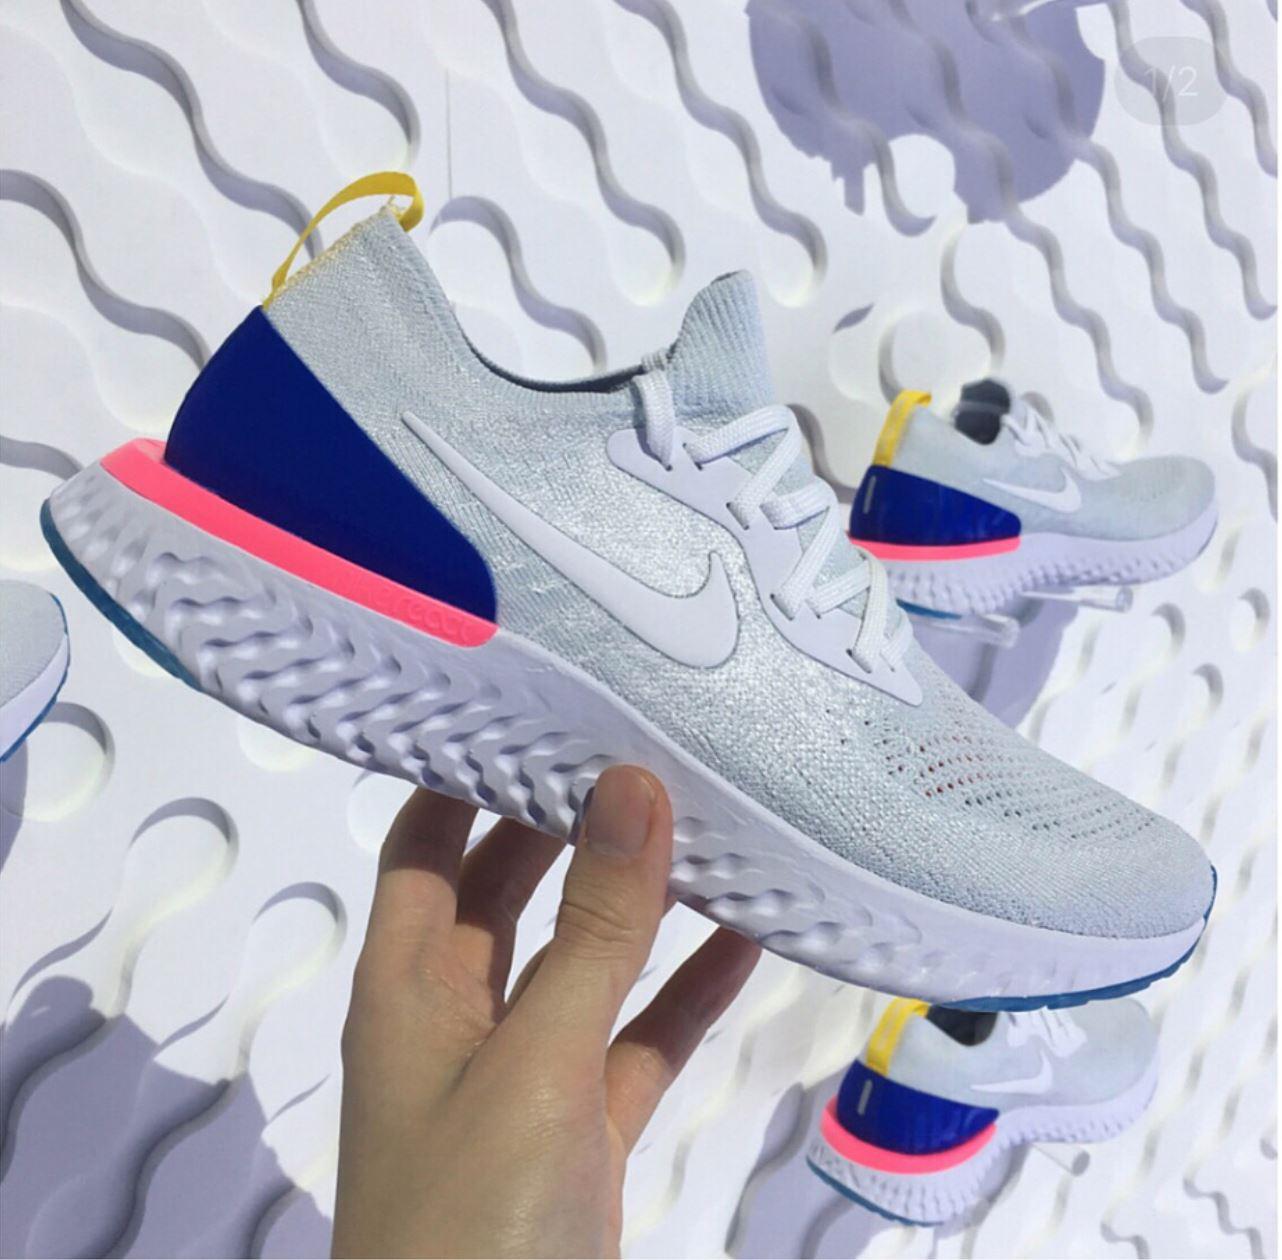 Nike Episke Reagere Gjennomgang Runner World Sko 9biiuA4BP